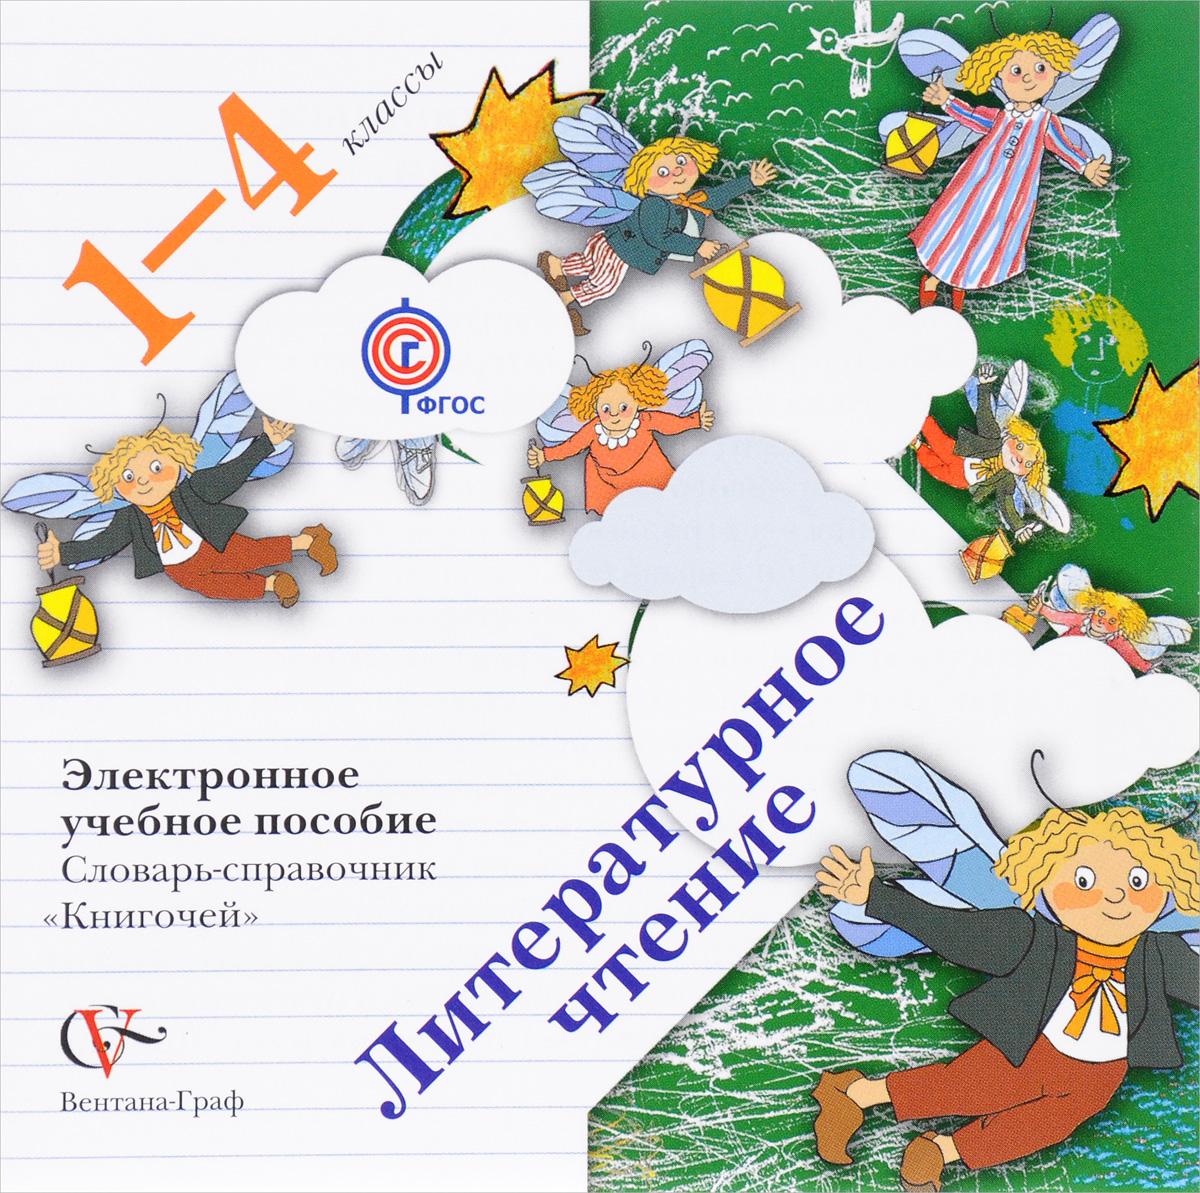 Литературное чтение. 1-4 класс. Словарь-справочник Книгочей